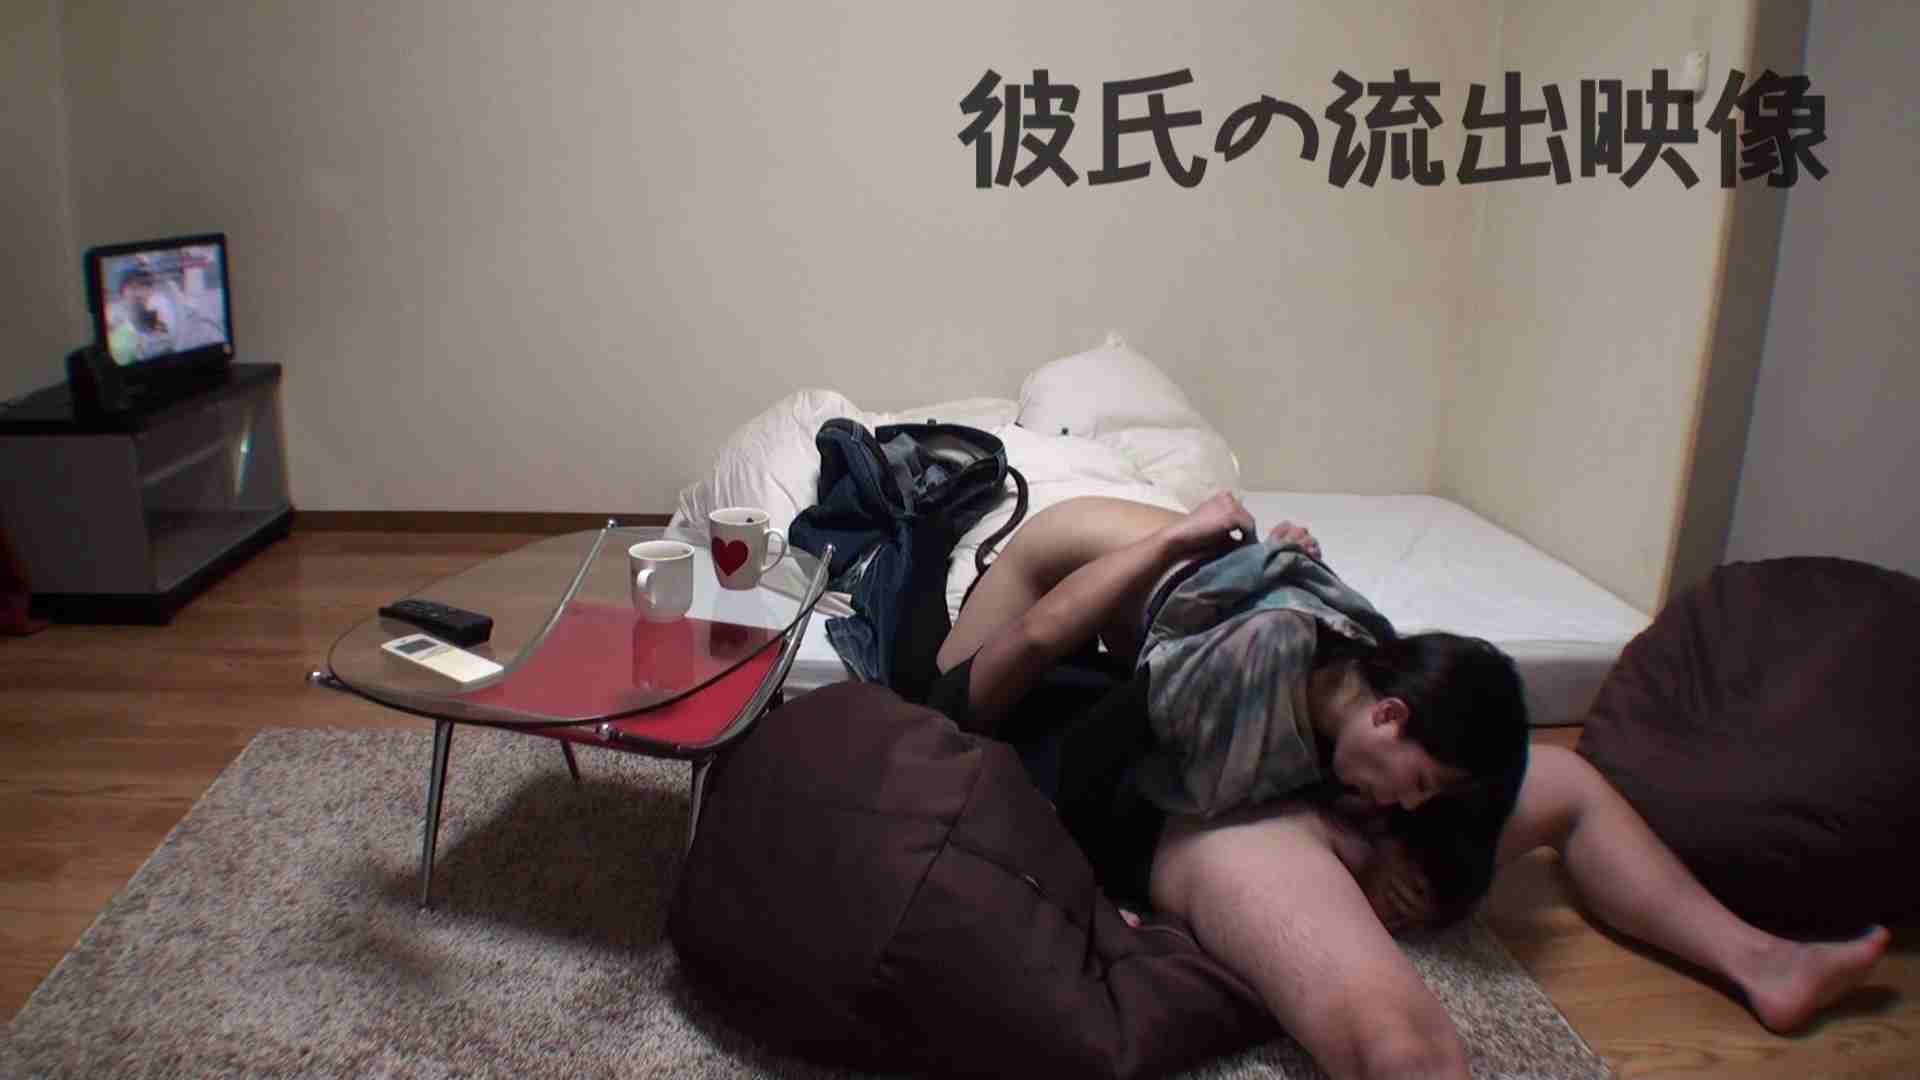 彼氏が流出 パイパン素人嬢のハメ撮り映像02 フェラ セックス無修正動画無料 73PIX 39